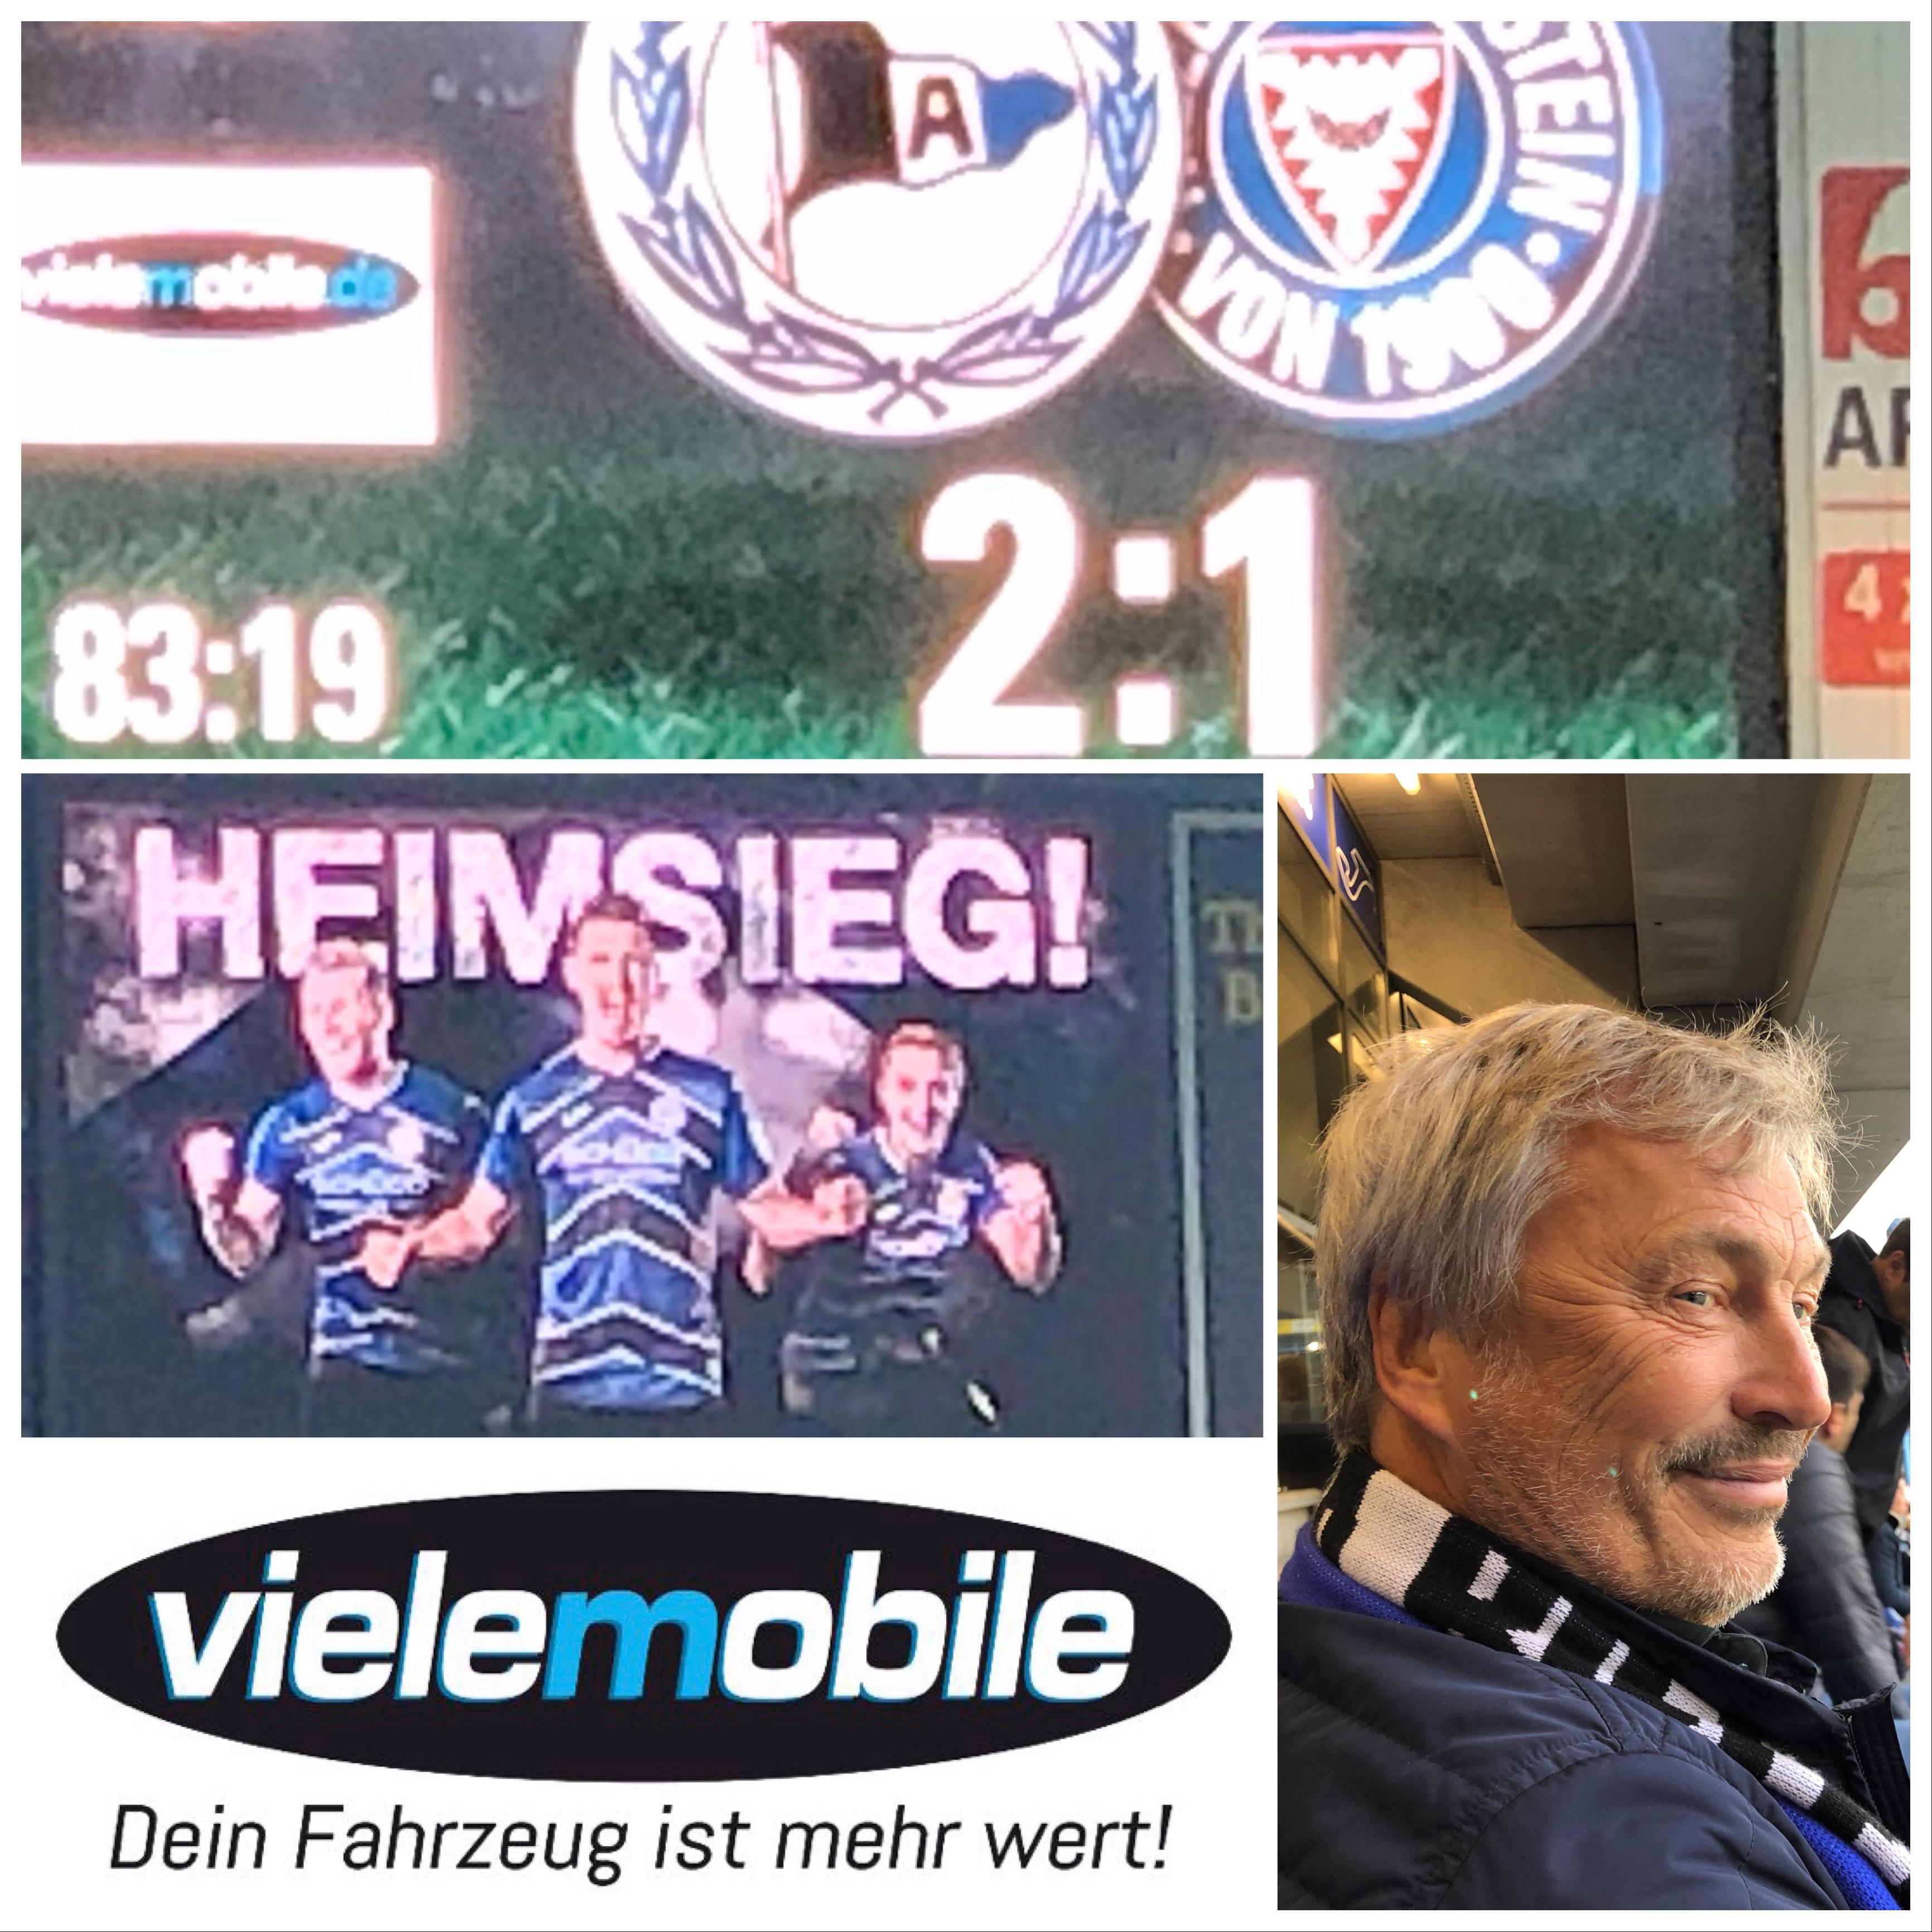 Arminia Bielefeld & vielemobile - immer ein Volltreffer